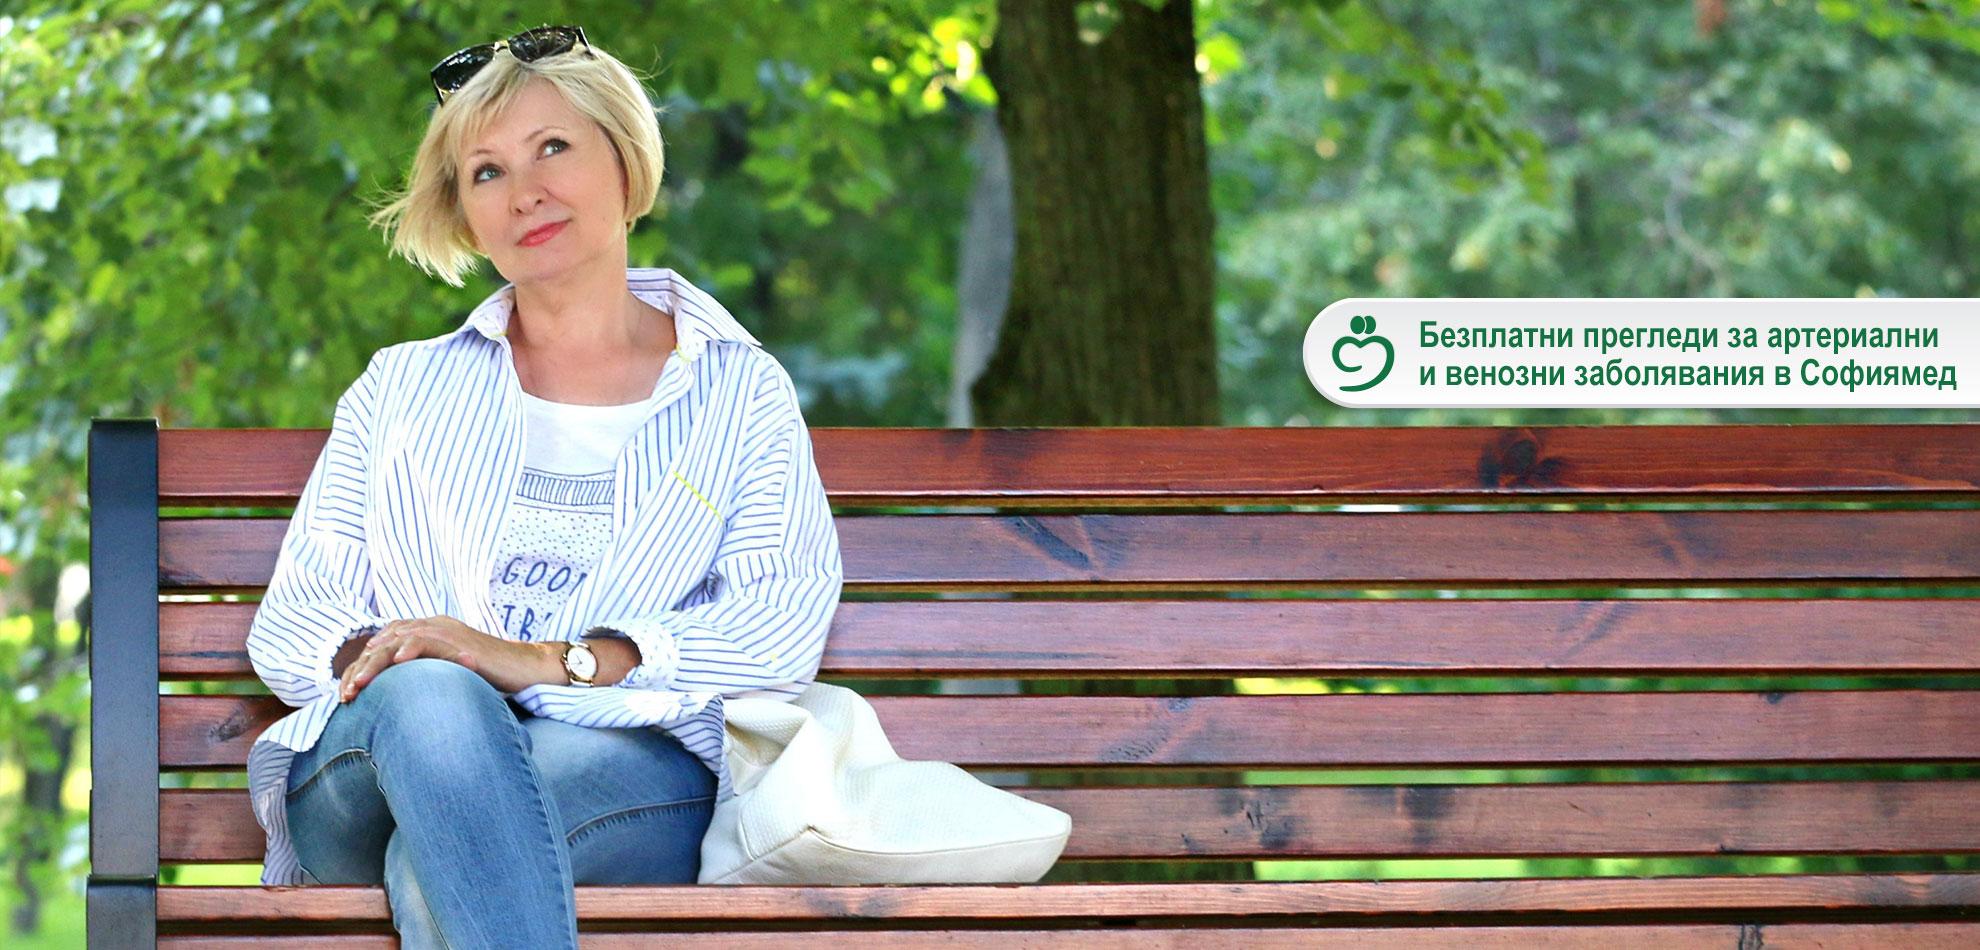 Безплатни прегледи за артериални и венозни заболявания в УМБАЛ